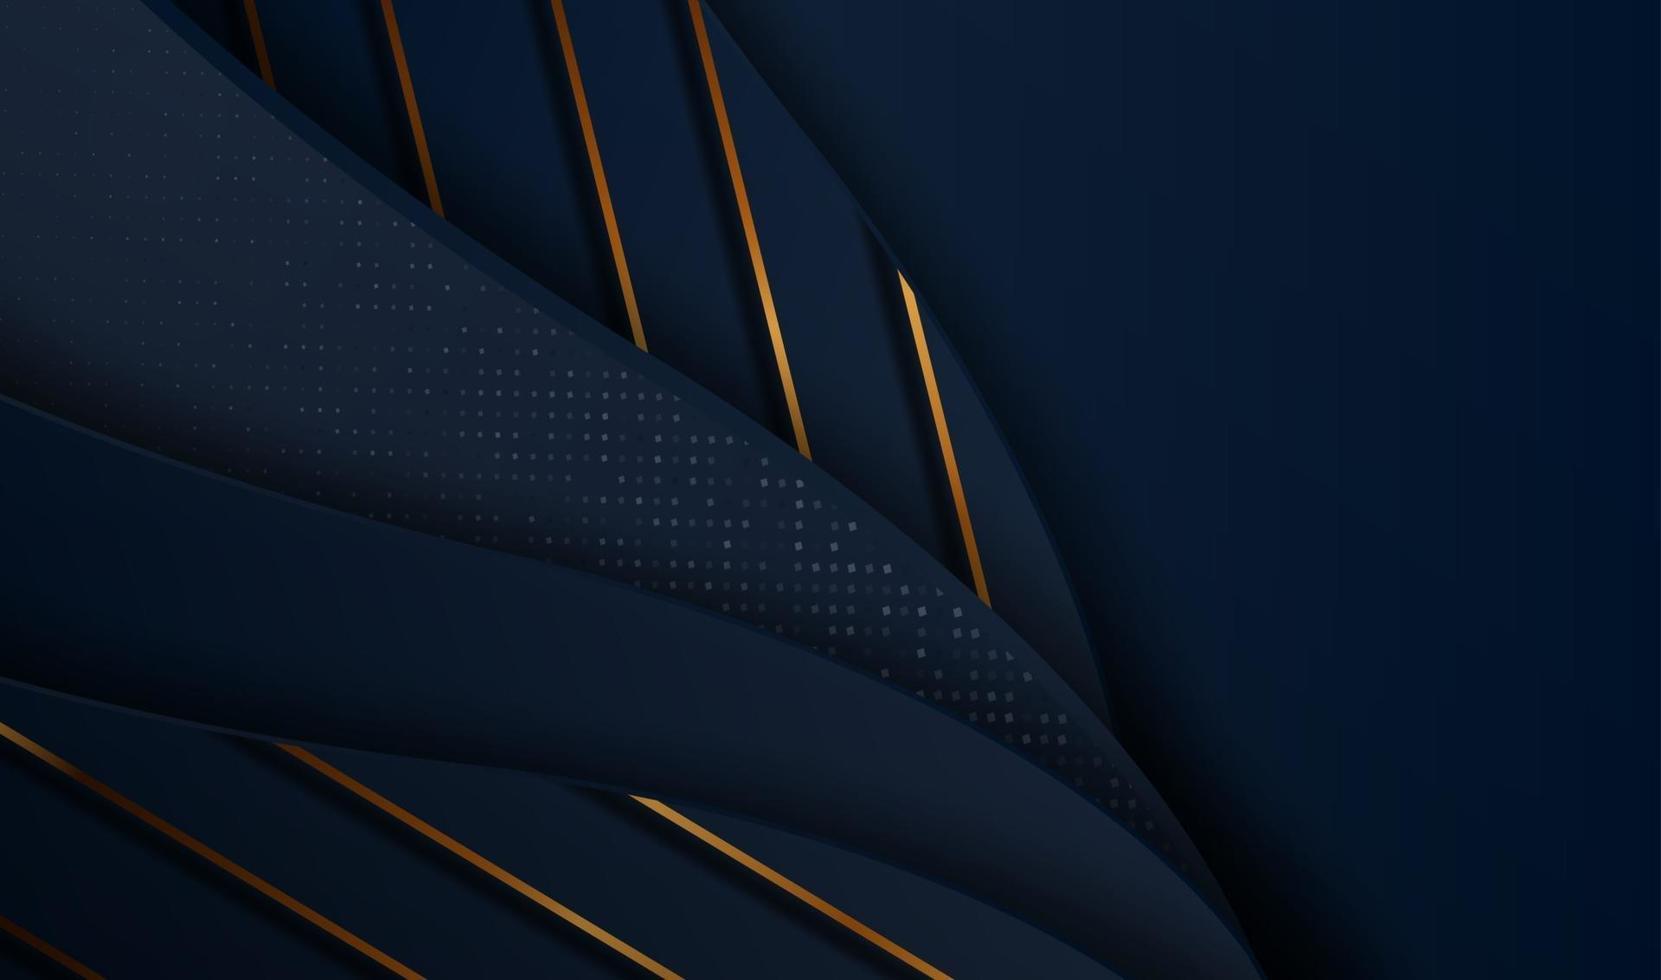 pappersskuren lyxig guldbakgrund med metallstruktur 3d abstrakt, för presentkort, affisch på affischmall, målsida, ui, ux, omslagsbok, banner, vektor